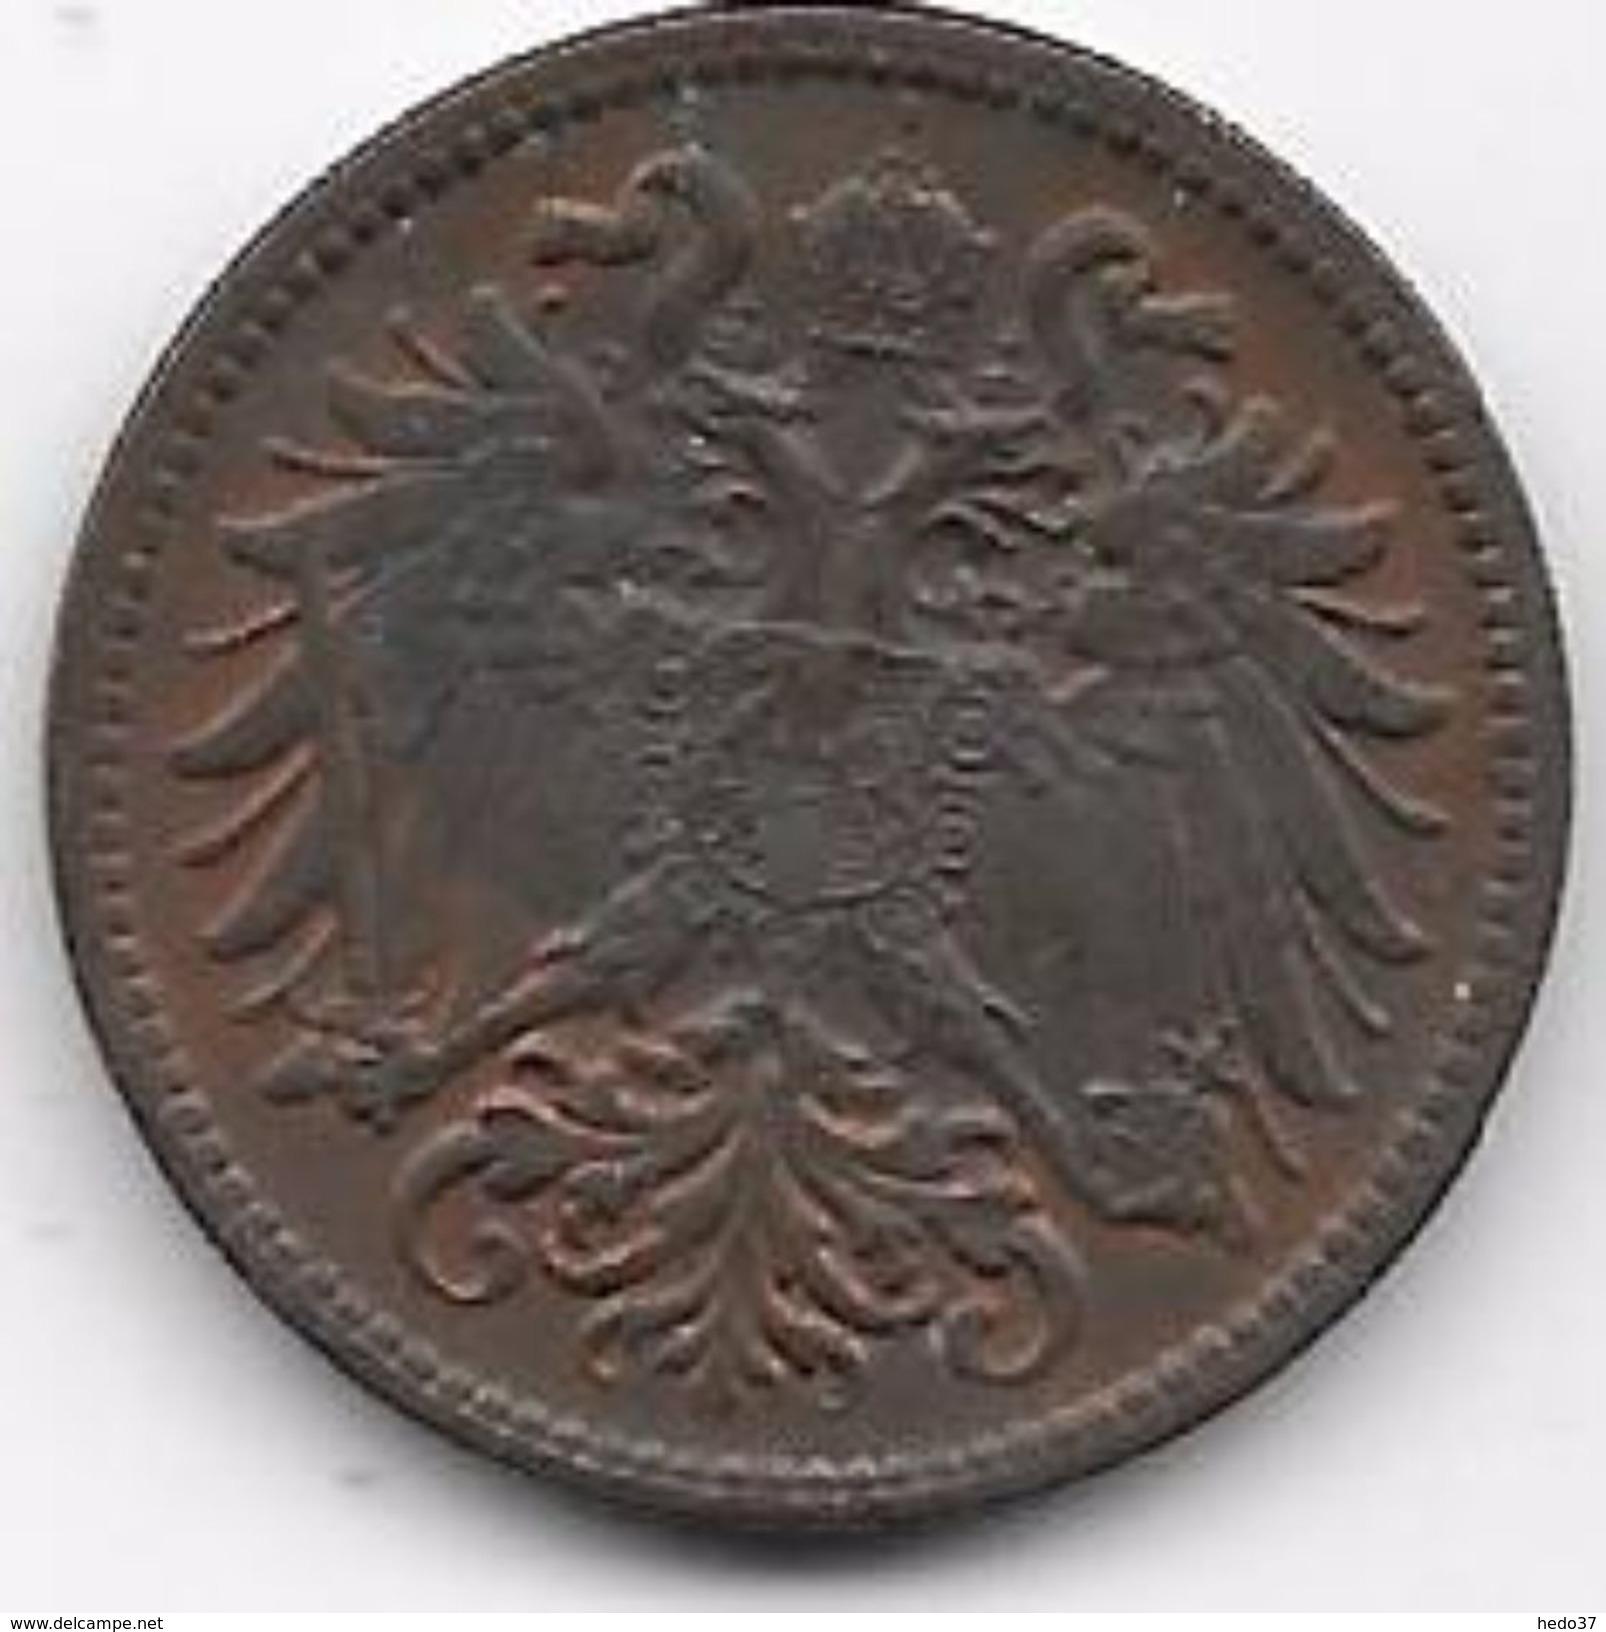 Autriche - 2 Heller 1912 - Autriche